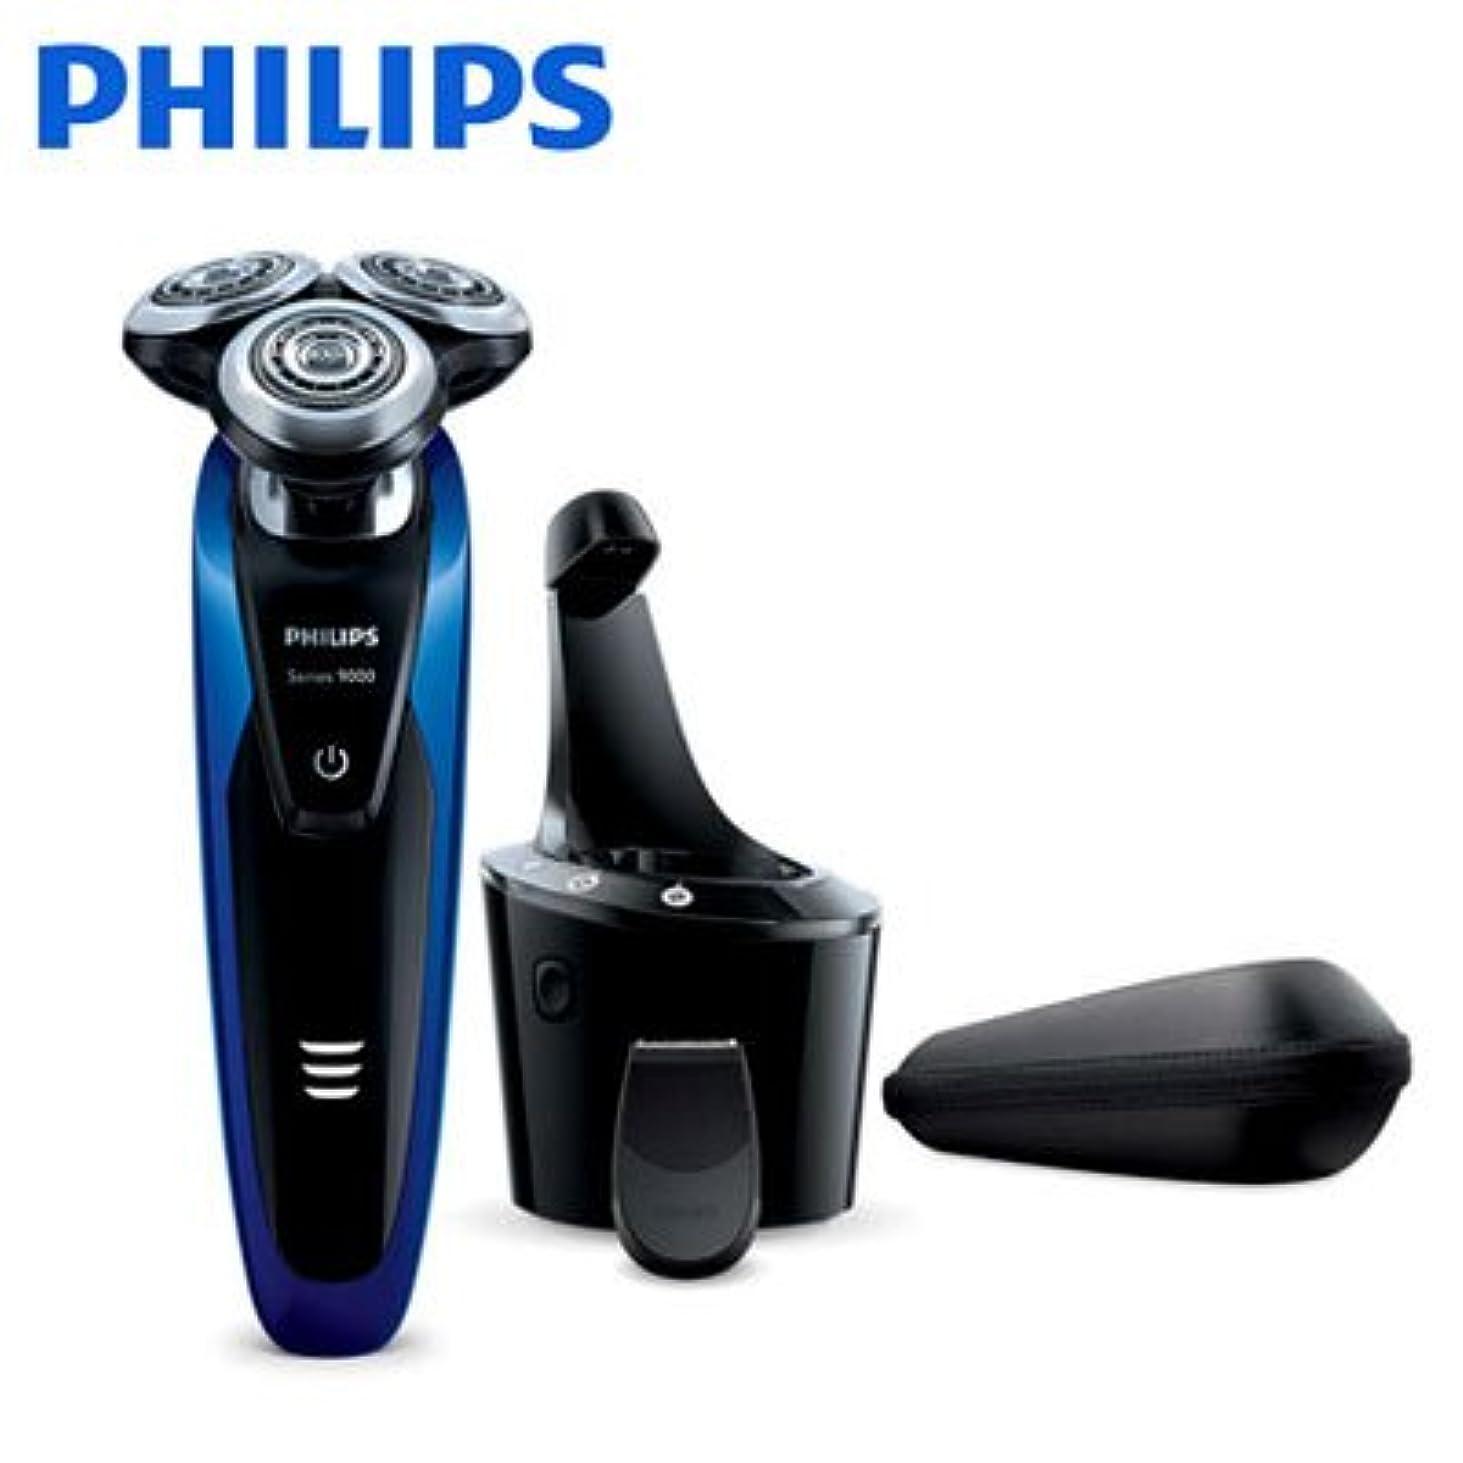 解決する抜け目のない寄付するフィリップス メンズシェーバーPHILIPS 9000シリーズ ウェット&ドライ S9182/26